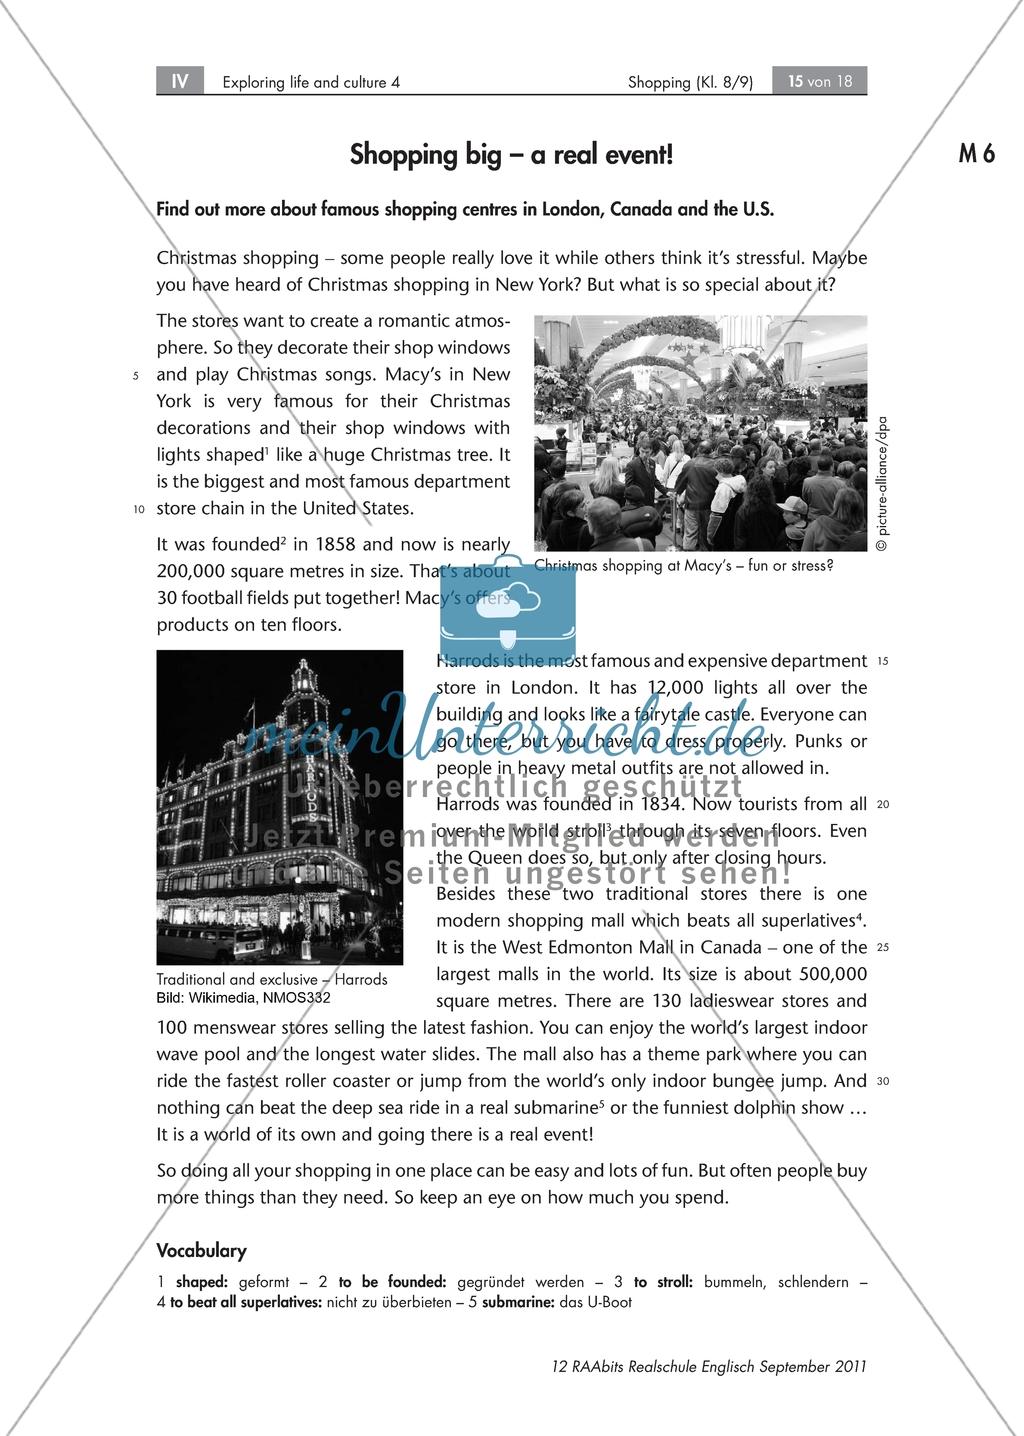 Einkaufsgewohnheiten in Großbritannien, Kanada und den USA kennenlernen : Übungen zur Lesekompetenz und Textverständnis + Kopiervorlagen Preview 9